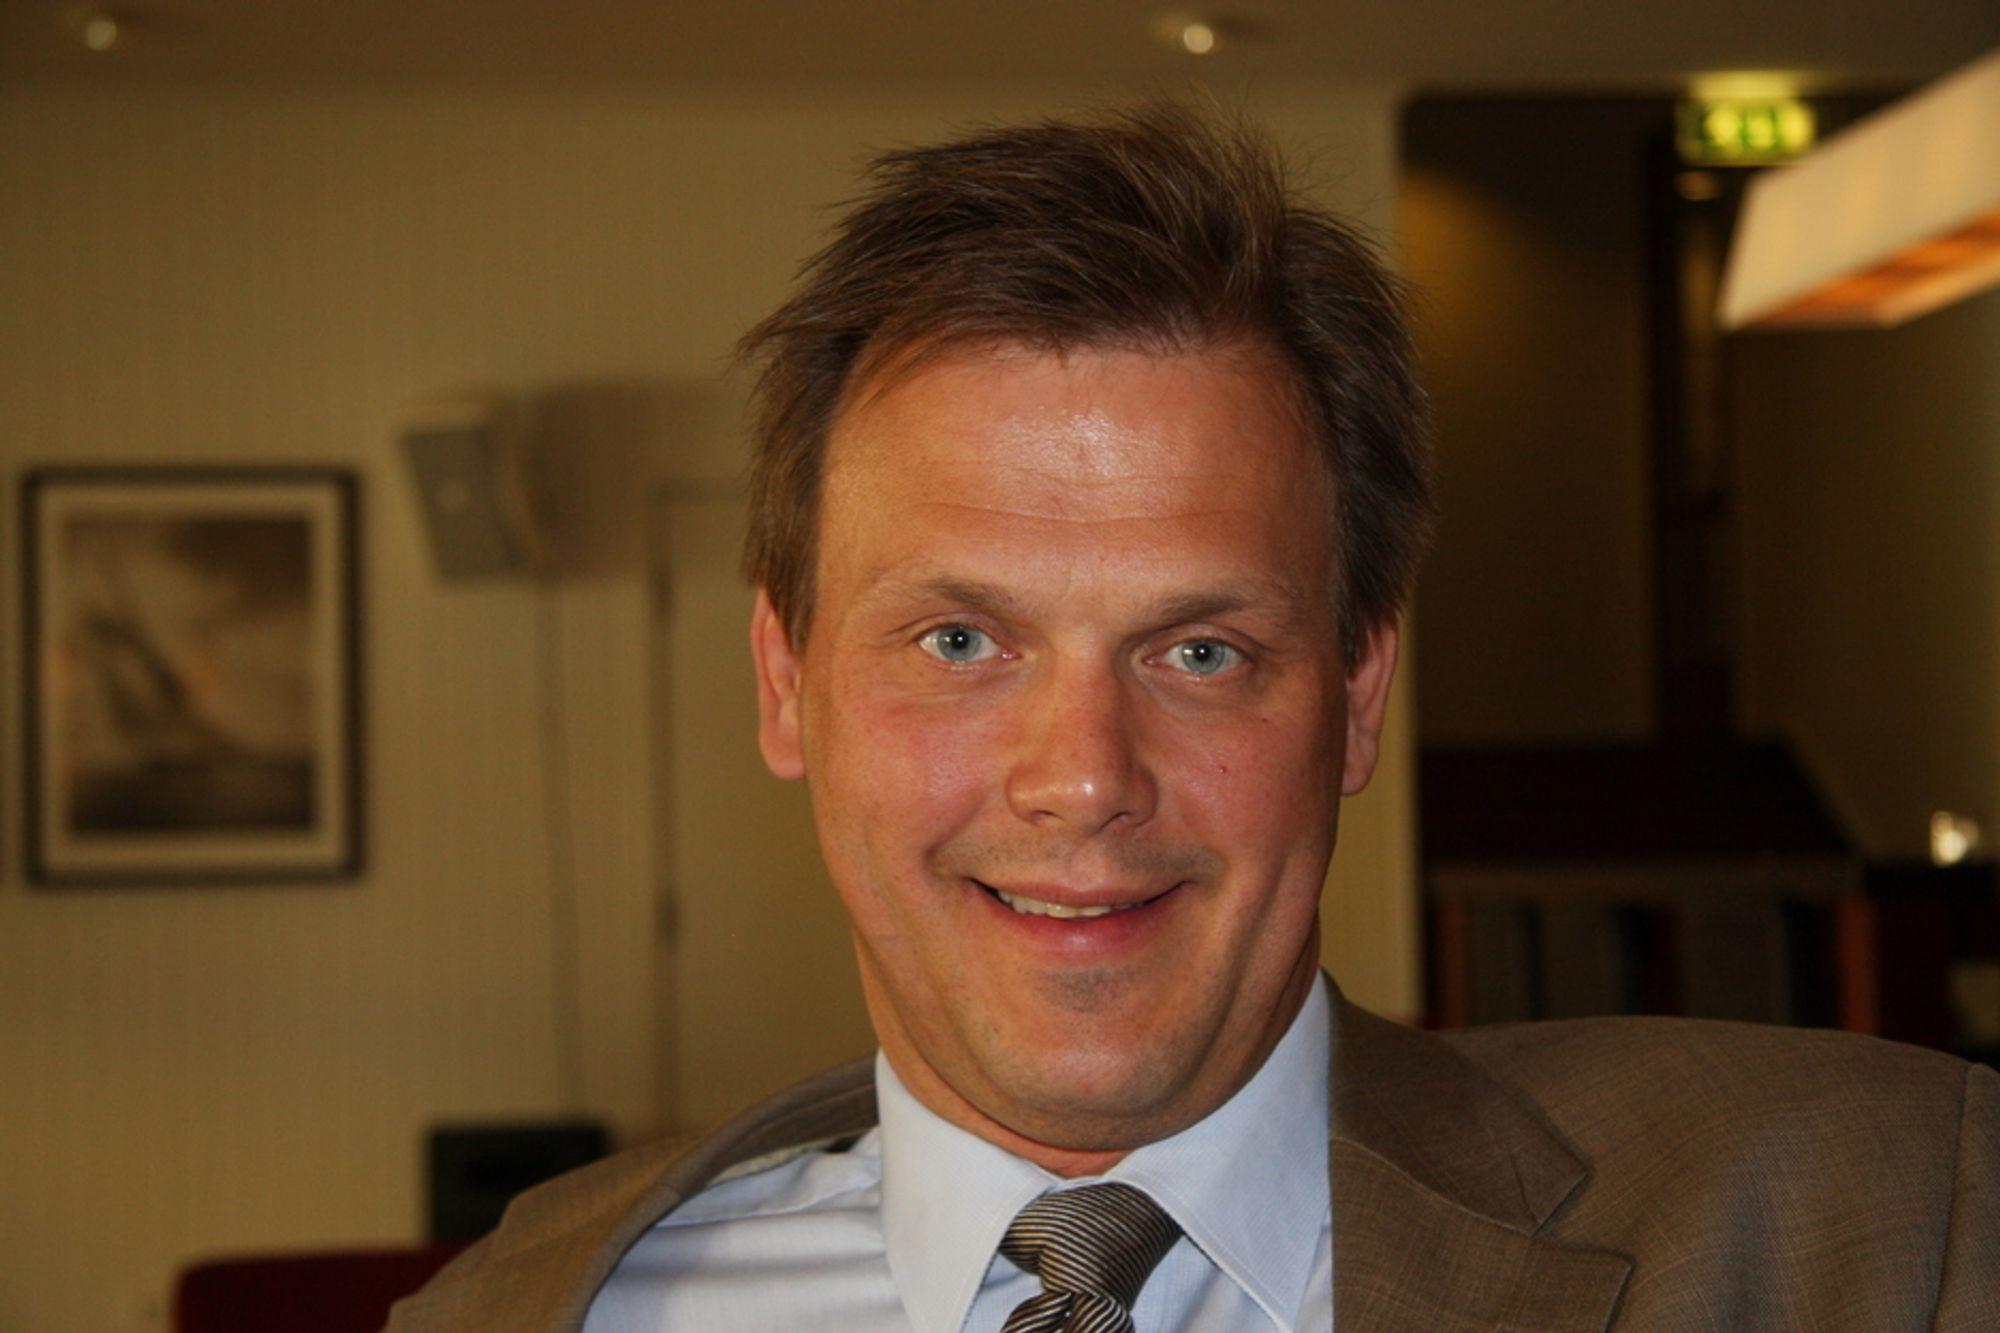 Forskningsrådet har fått inn rekordmange søkere til Renergi-programmet, noe avdelingsdirektør Fridtjof Unander er svært fornøyd med.